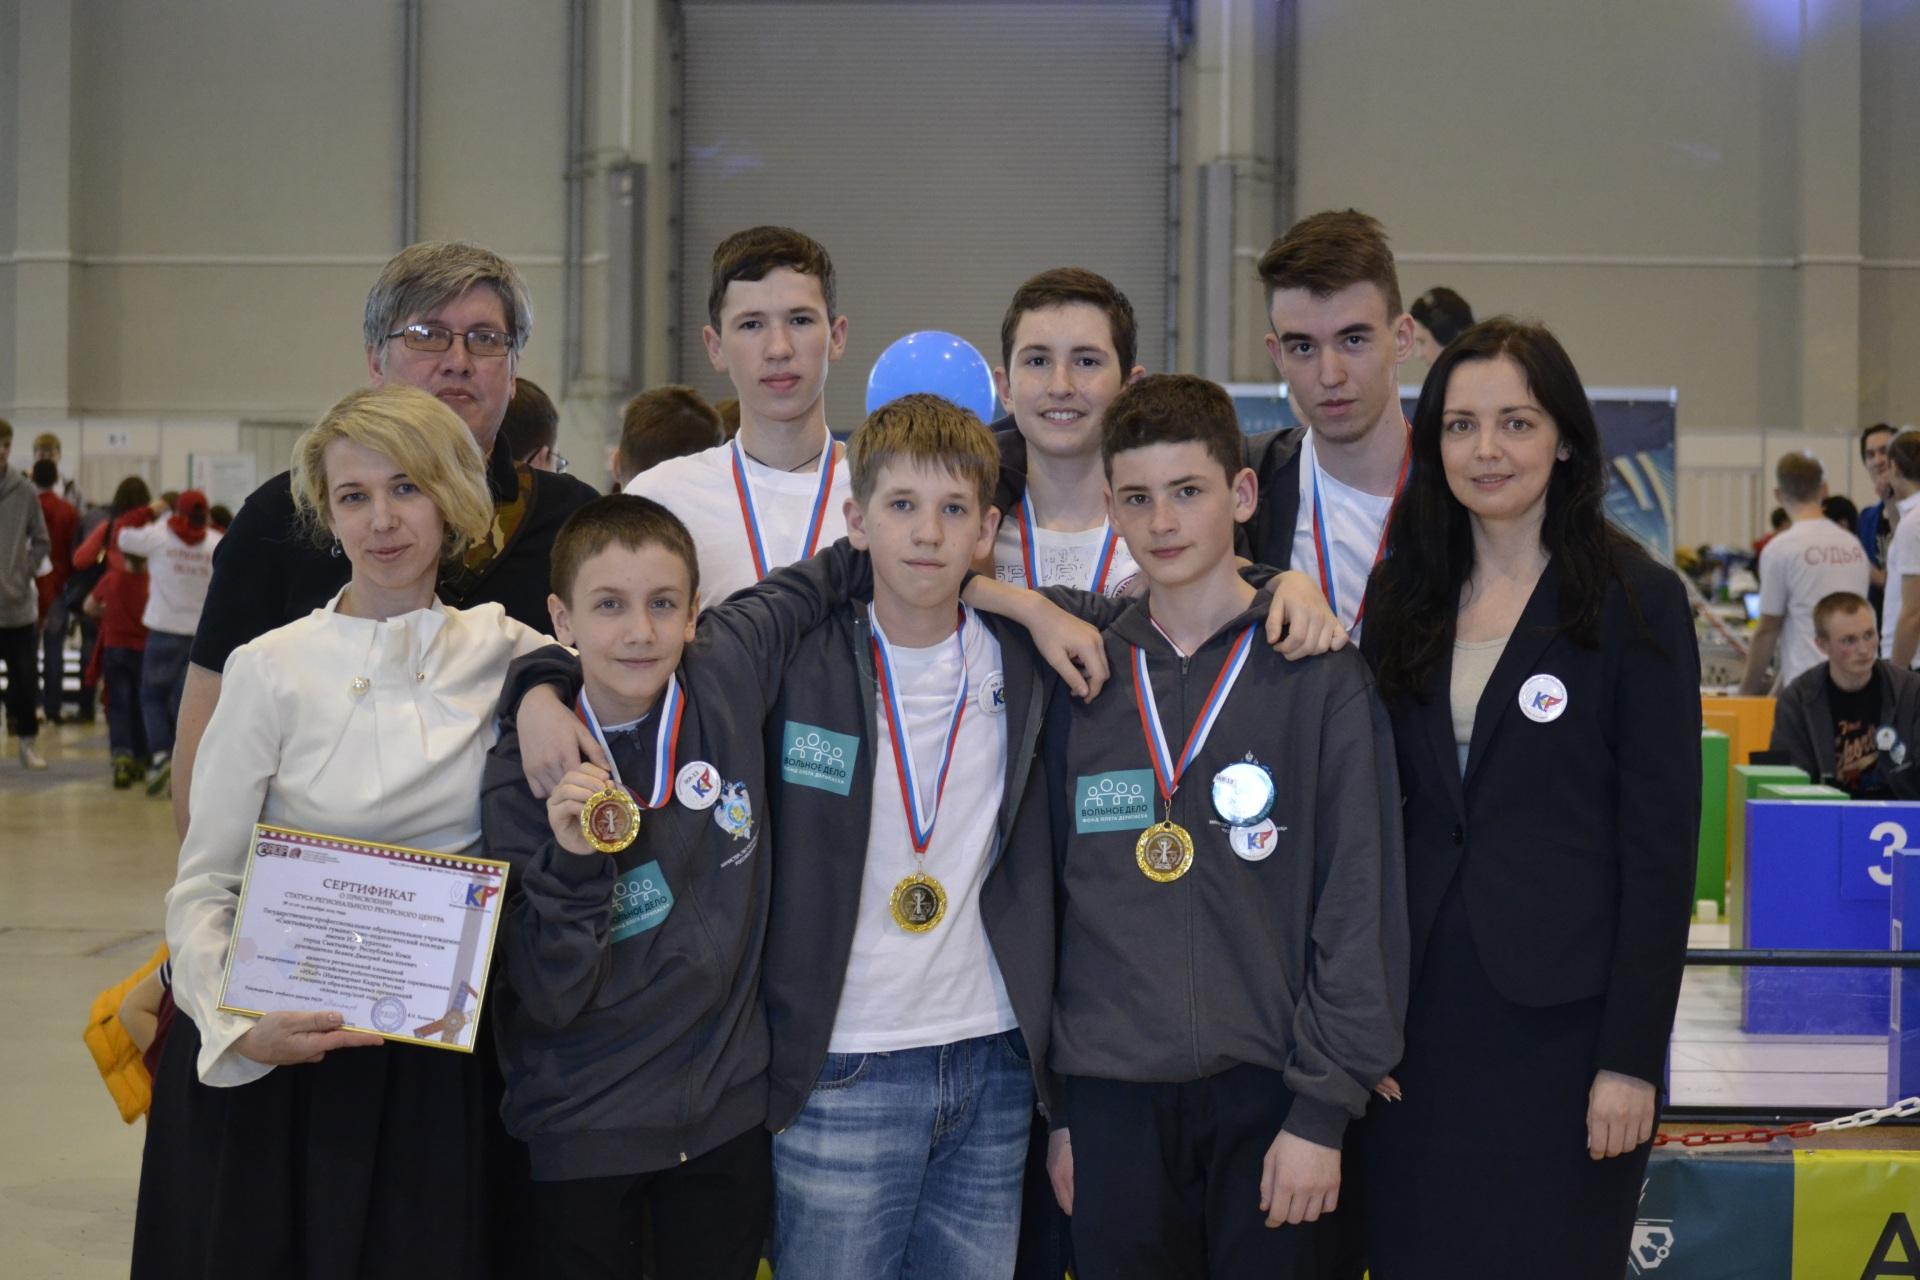 Сыктывкарские школьники заняли первое место на всероссийских соревнованиях по робототехнике